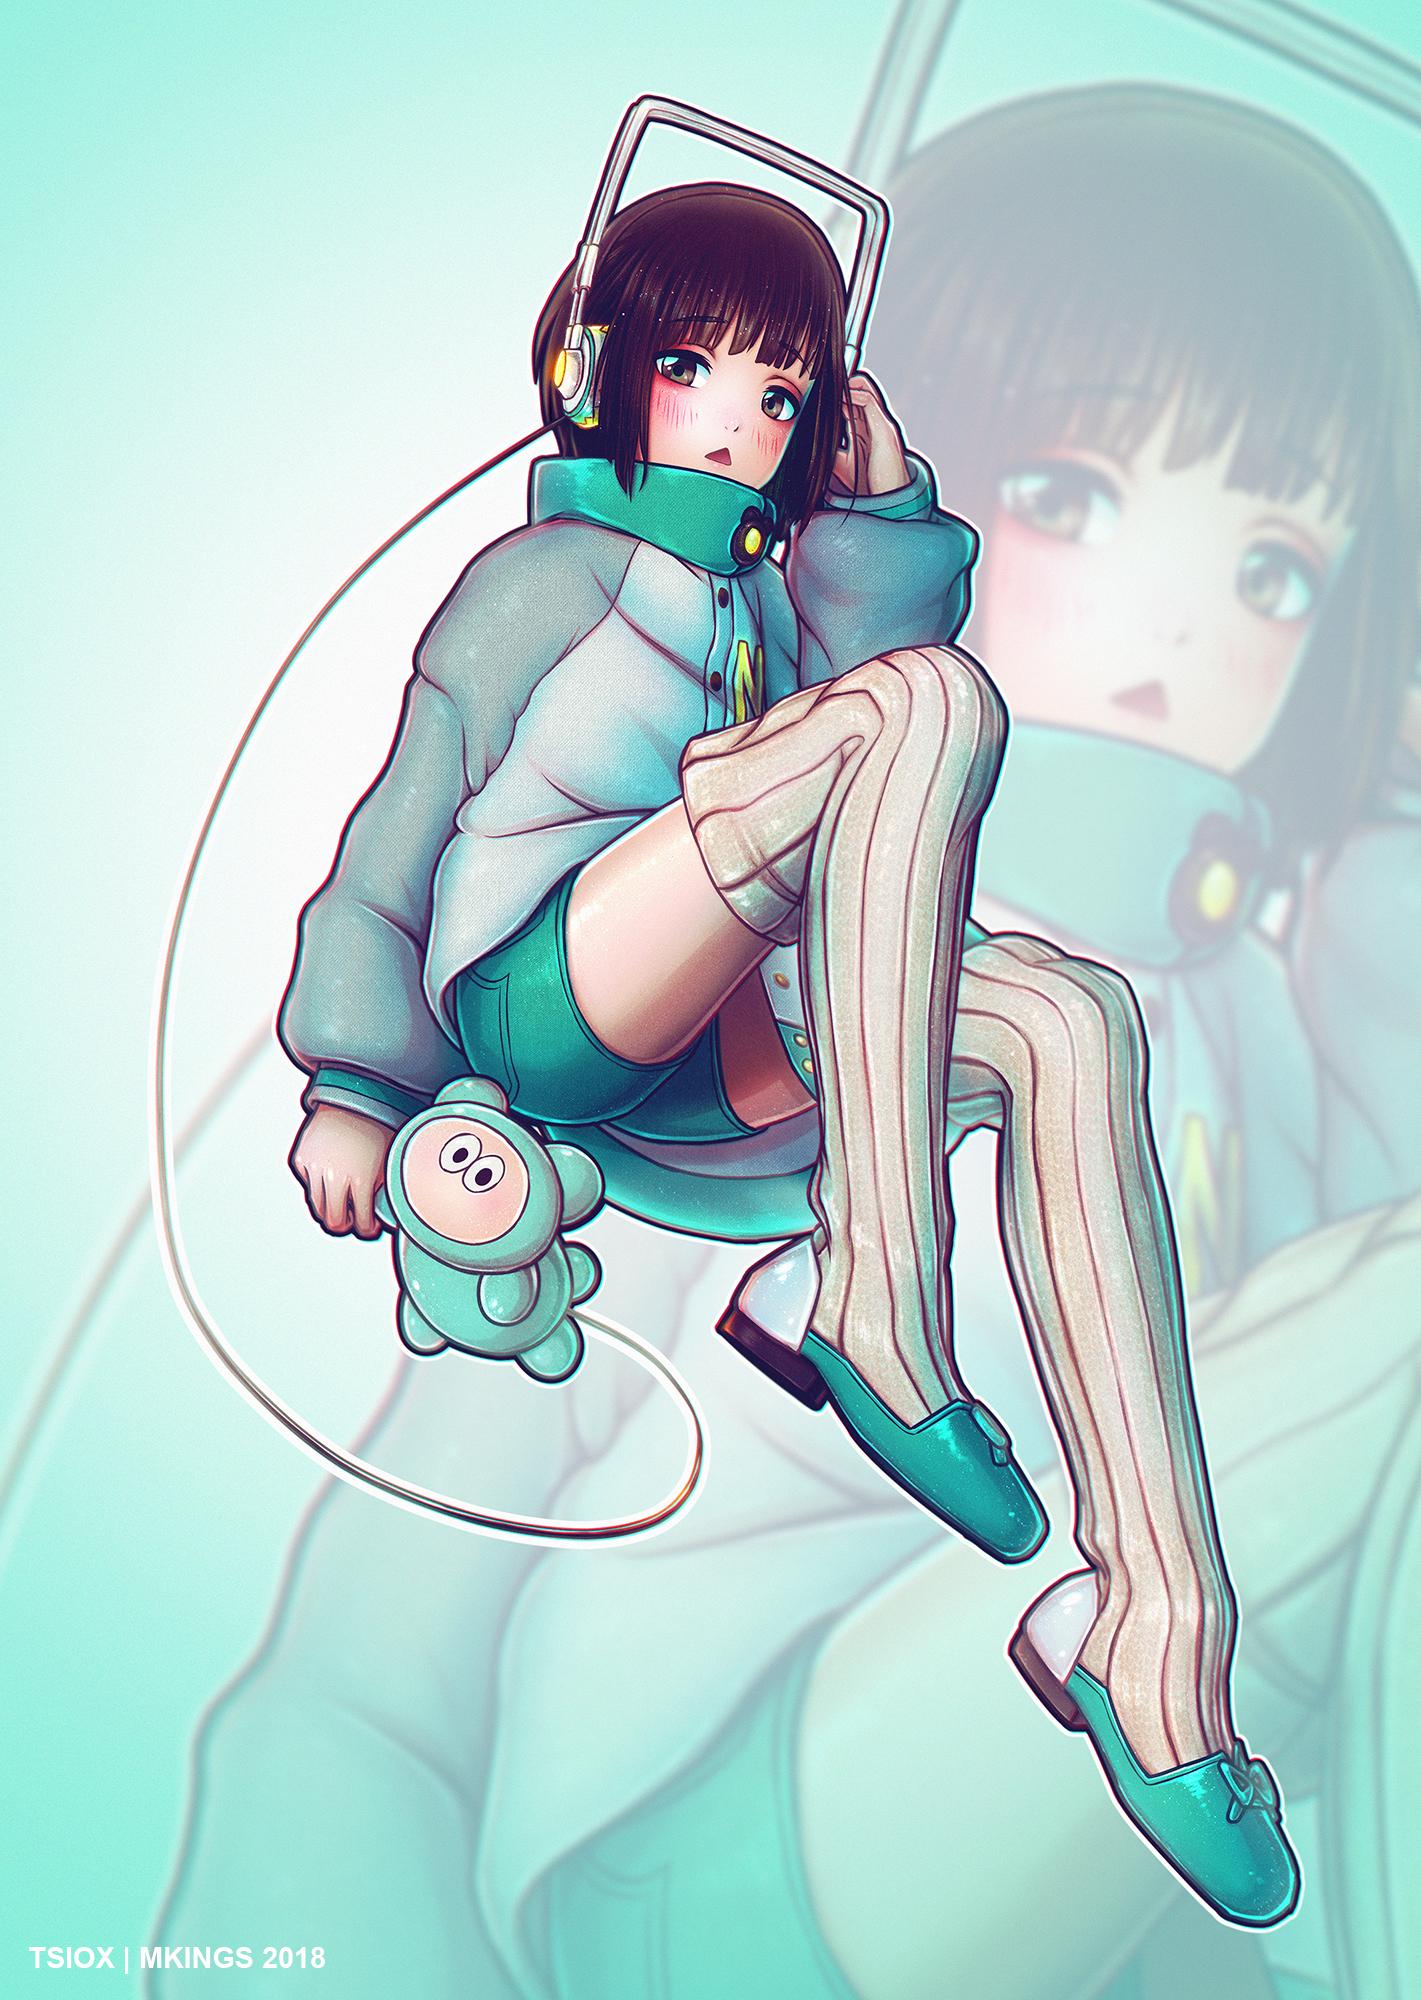 Yumemi Nemu